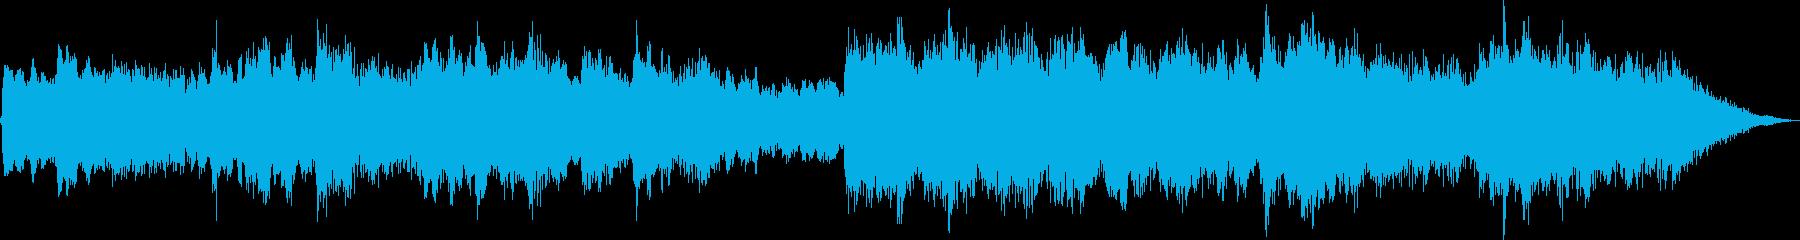 アコギとシンセの悲しく暗いBGMの再生済みの波形